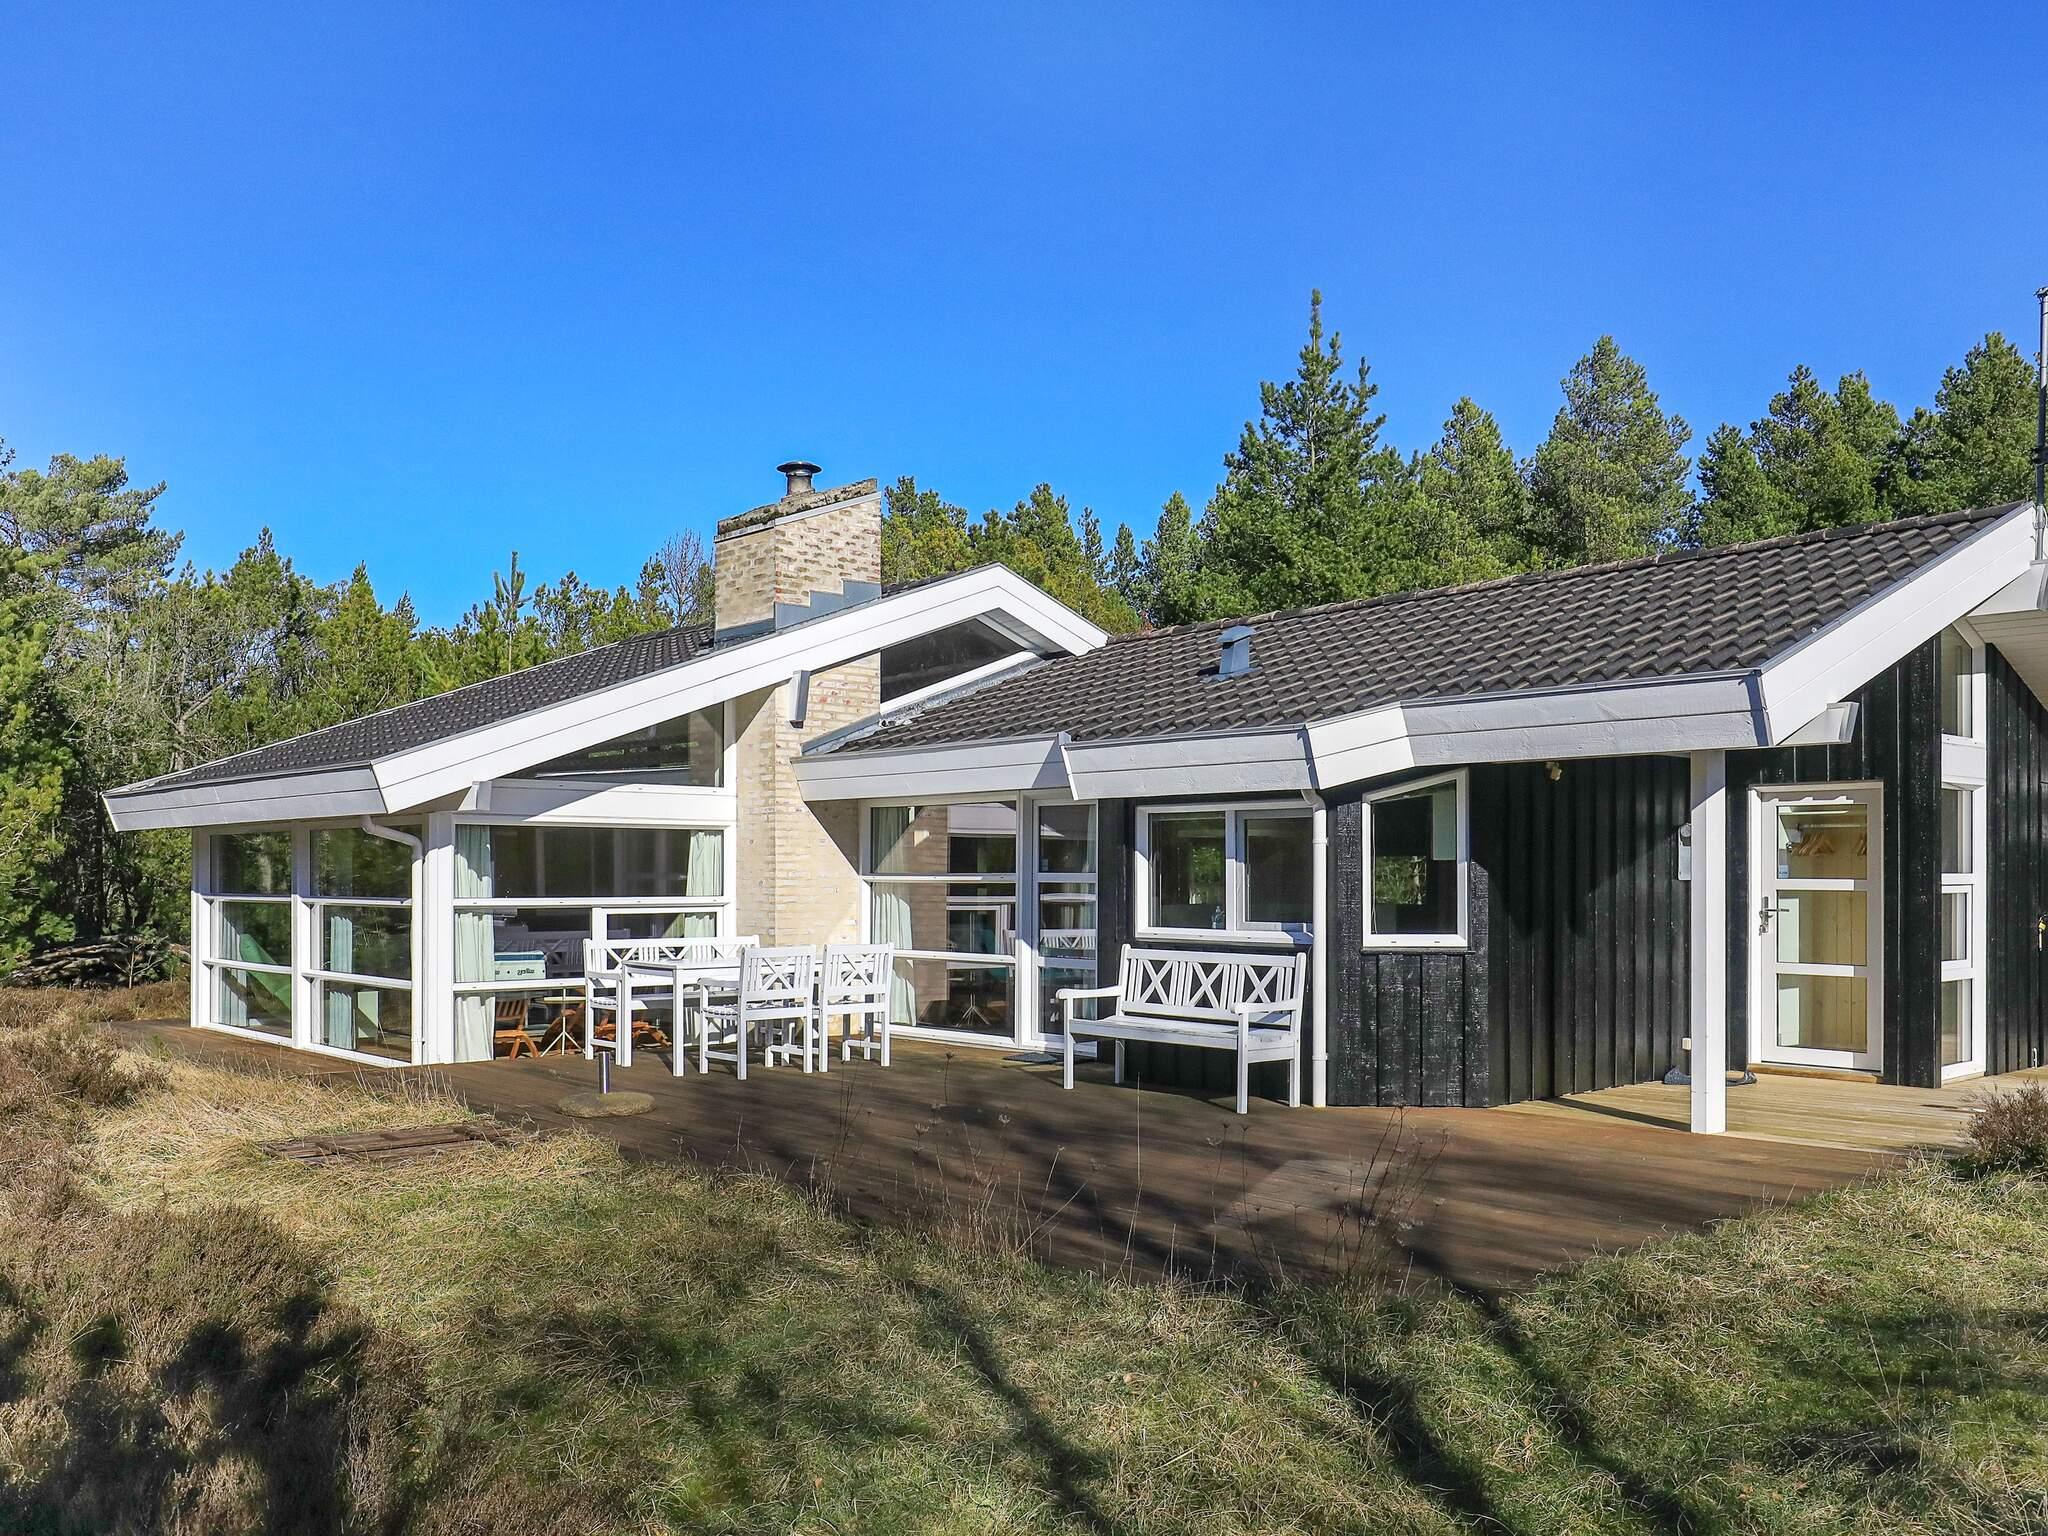 Ferienhaus Lodskovvad (314840), Lodskovvad, , Nordostjütland, Dänemark, Bild 1